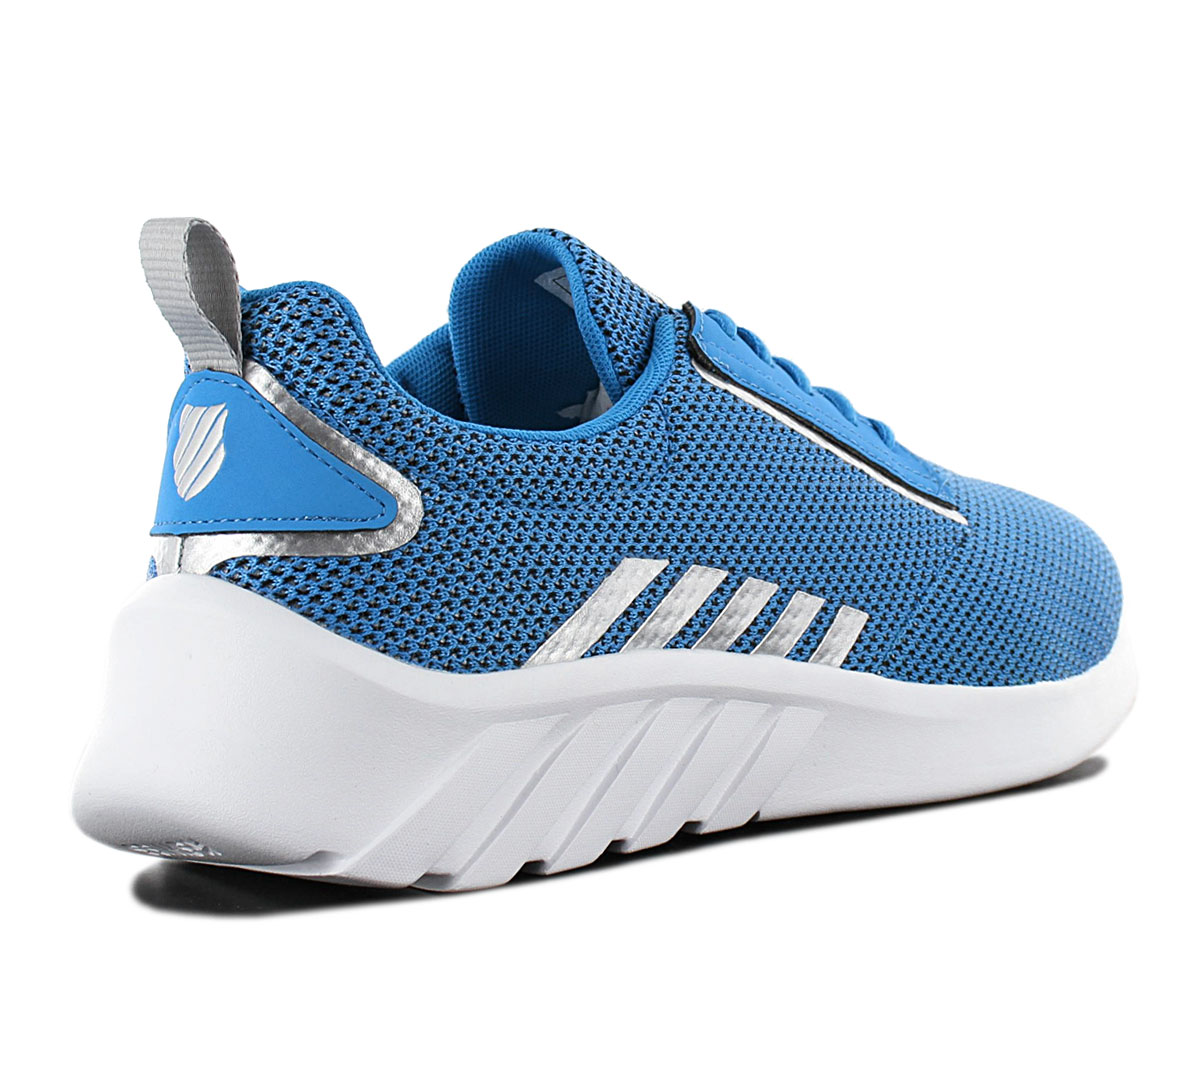 K-Swiss Aeronaut Herren Sneaker 05618-447 Blau Schuhe Sportschuhe Turnschuhe NEU